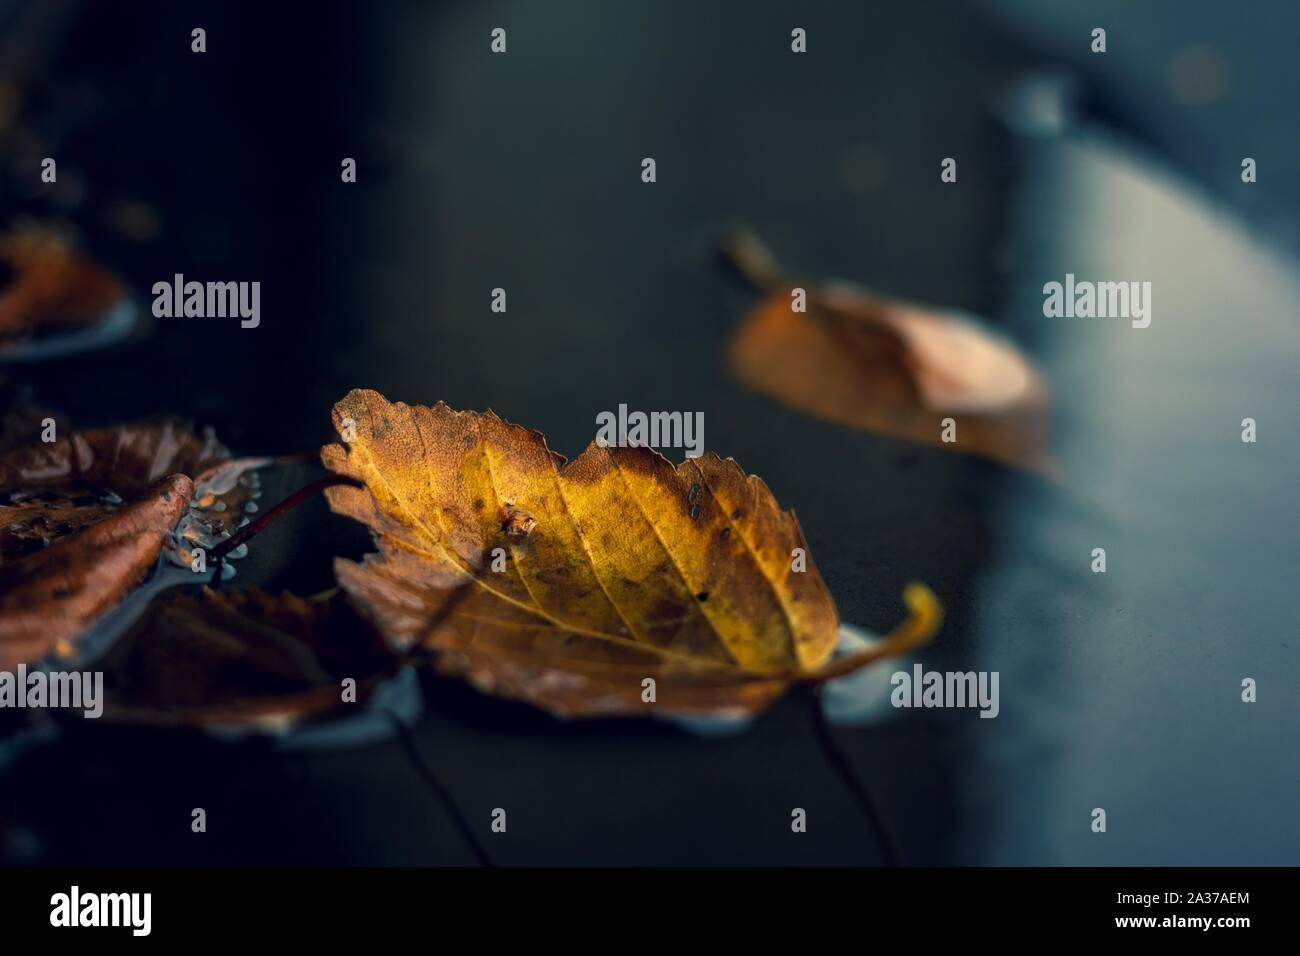 Un retrato de un color amarillo y marrón caído leaf, caído en un charco de agua durante el otoño. La hoja es accompagnied por otras hojas. Foto de stock